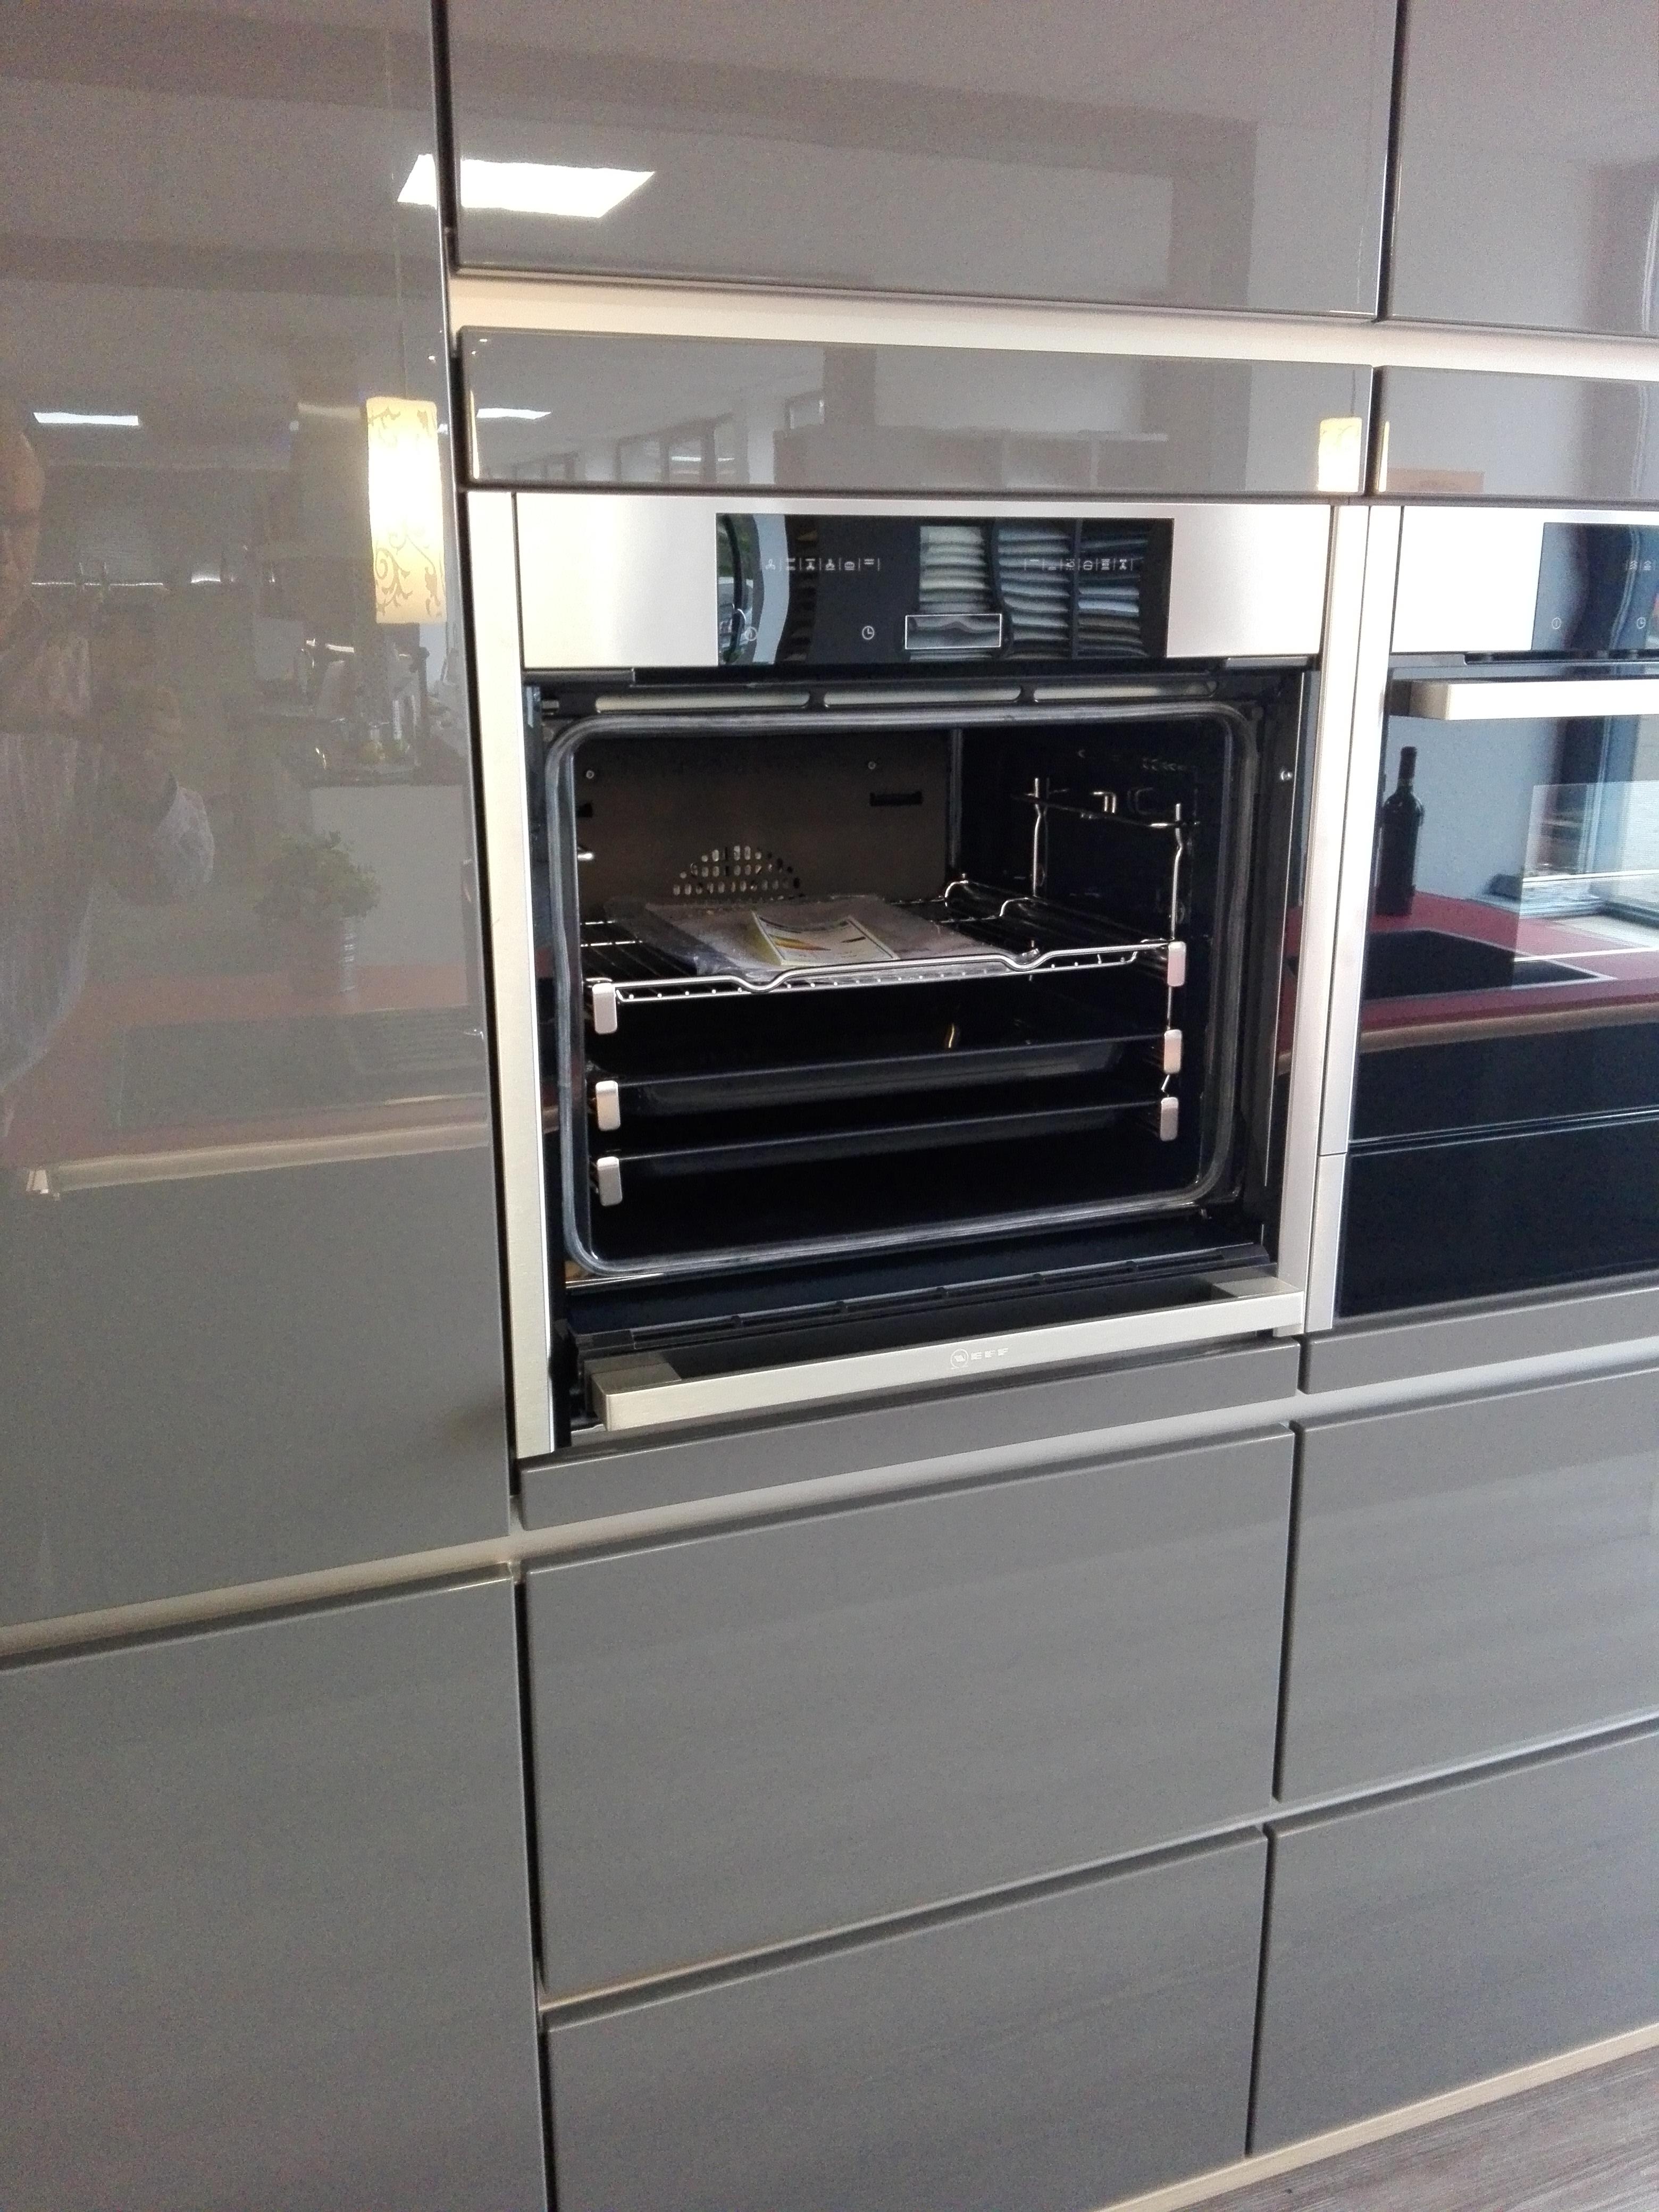 Küche 6 - NEFF Backofen mit Slide & Hide ... die versenkbare Backofentüre